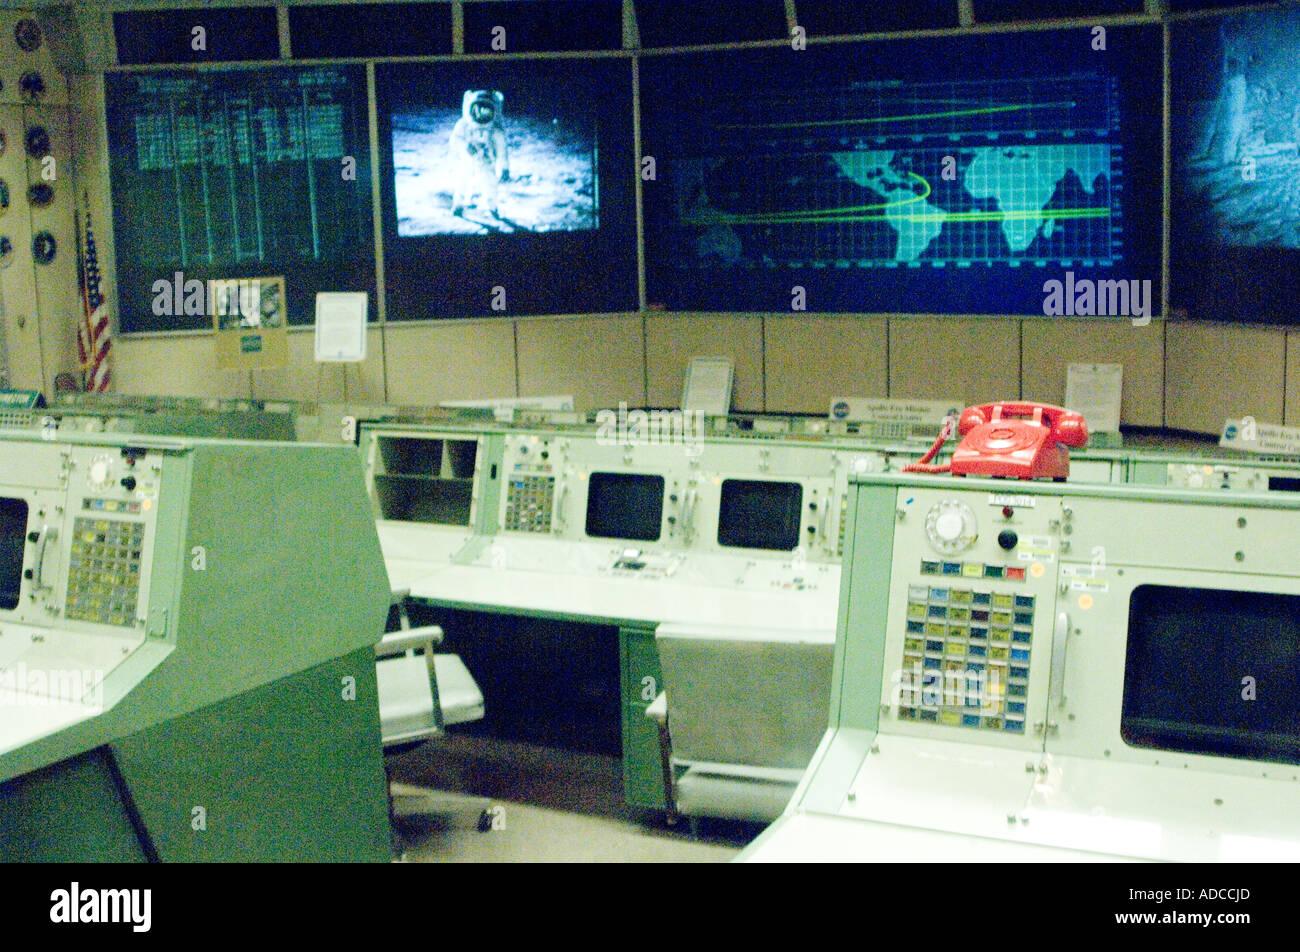 inside apollo program mission control NASA Houston. - Stock Image